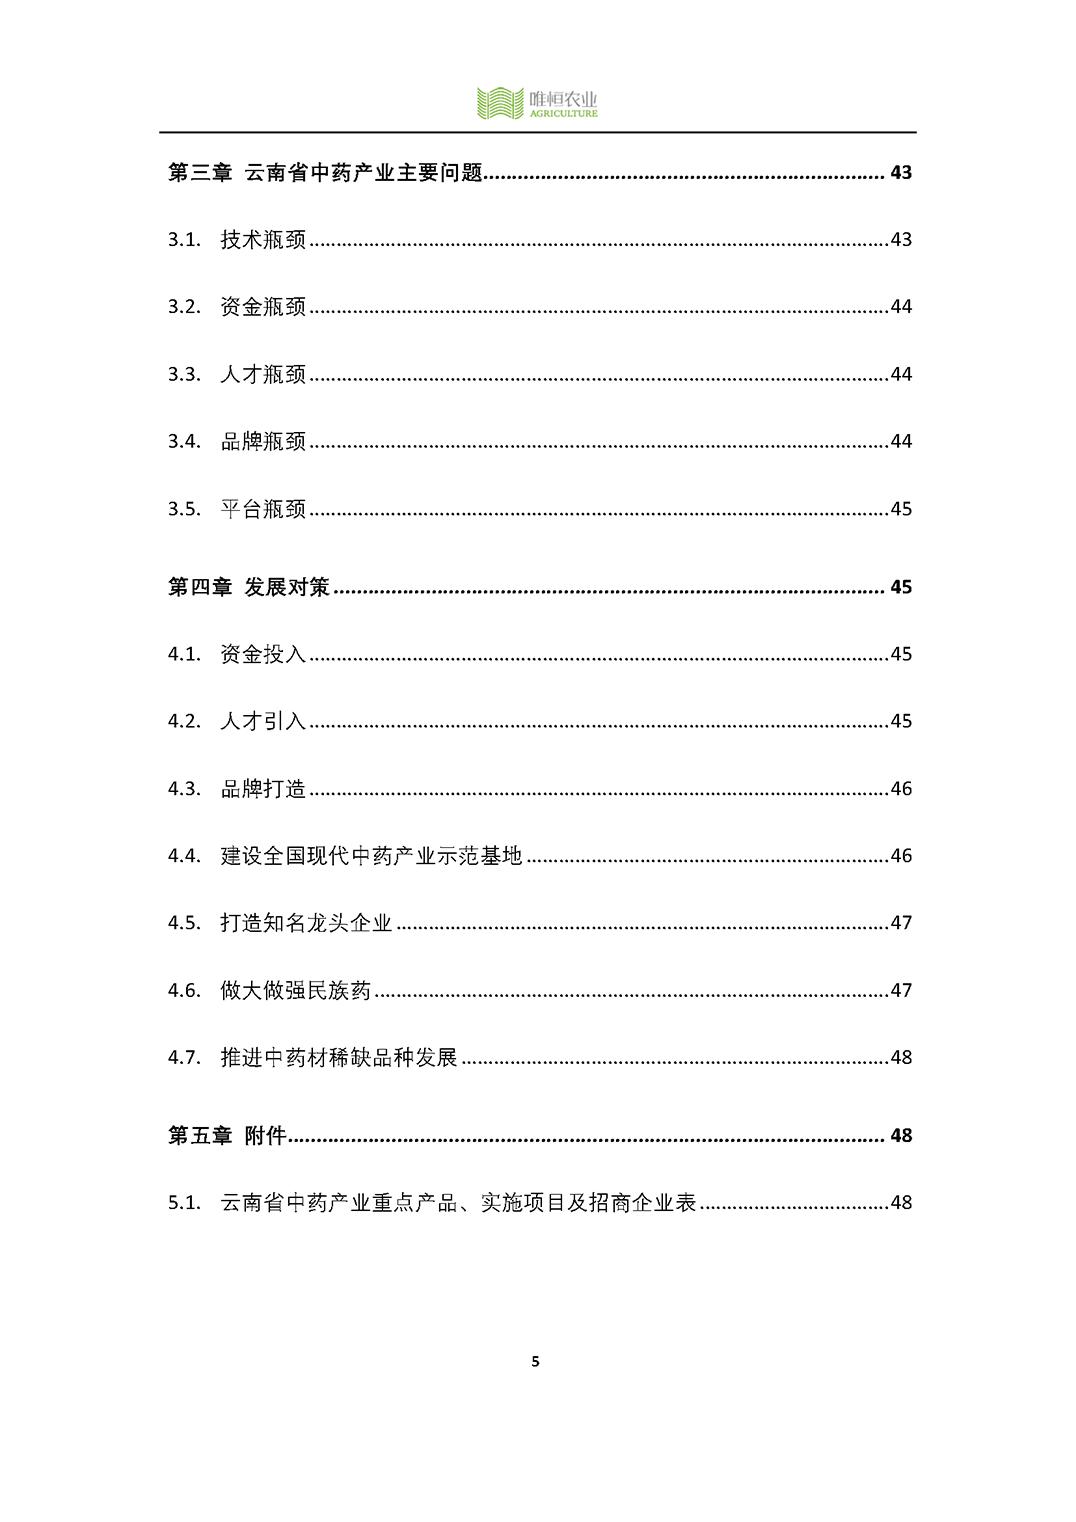 唯恒农业:2019年云南省中药产业研究报告